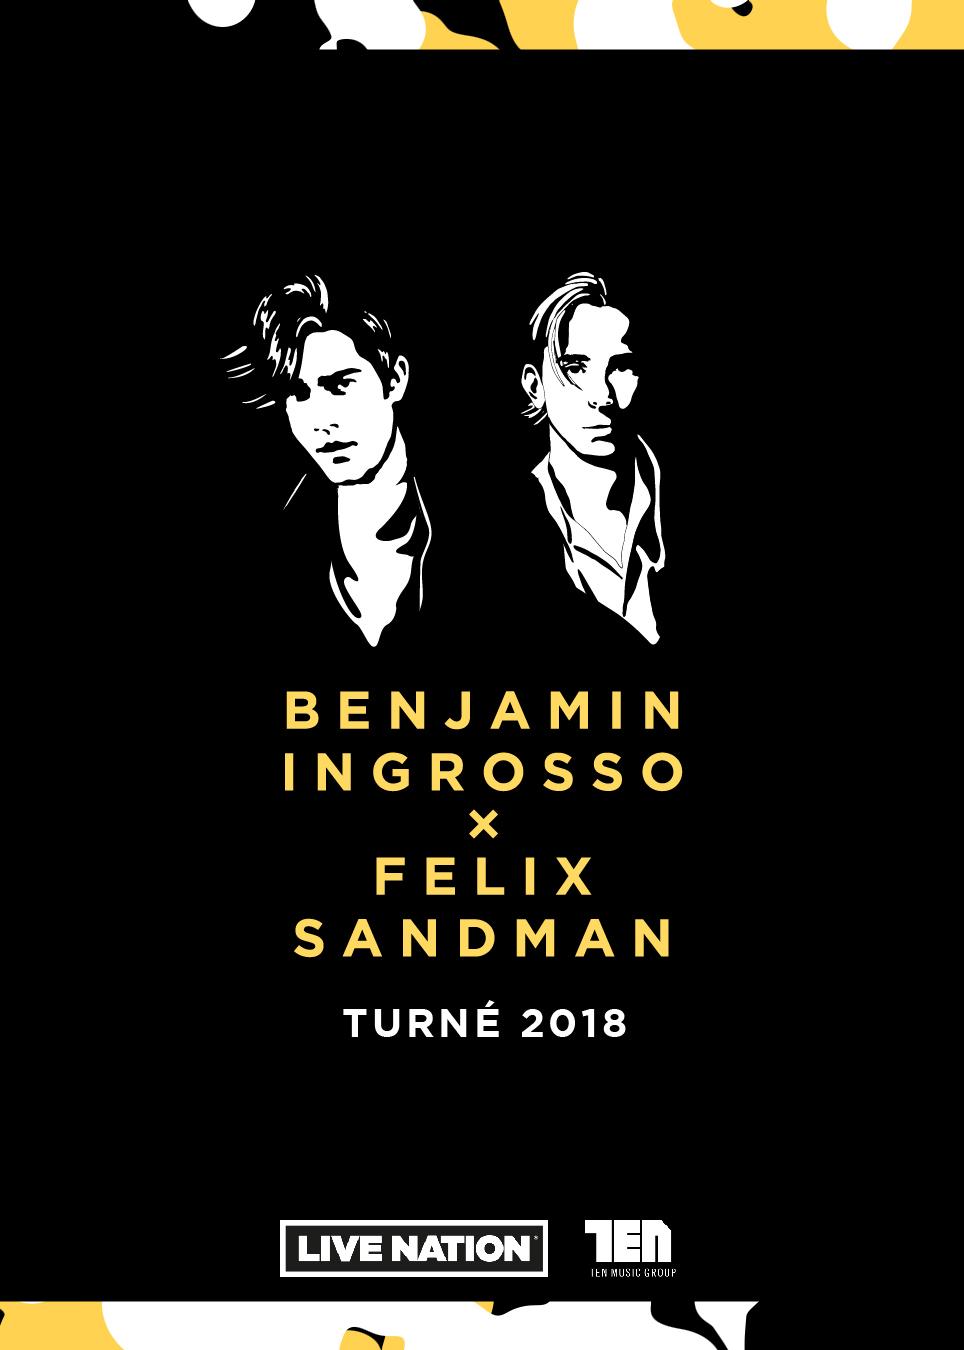 BENJAMIN INGROSSO x FELIX SANDMAN